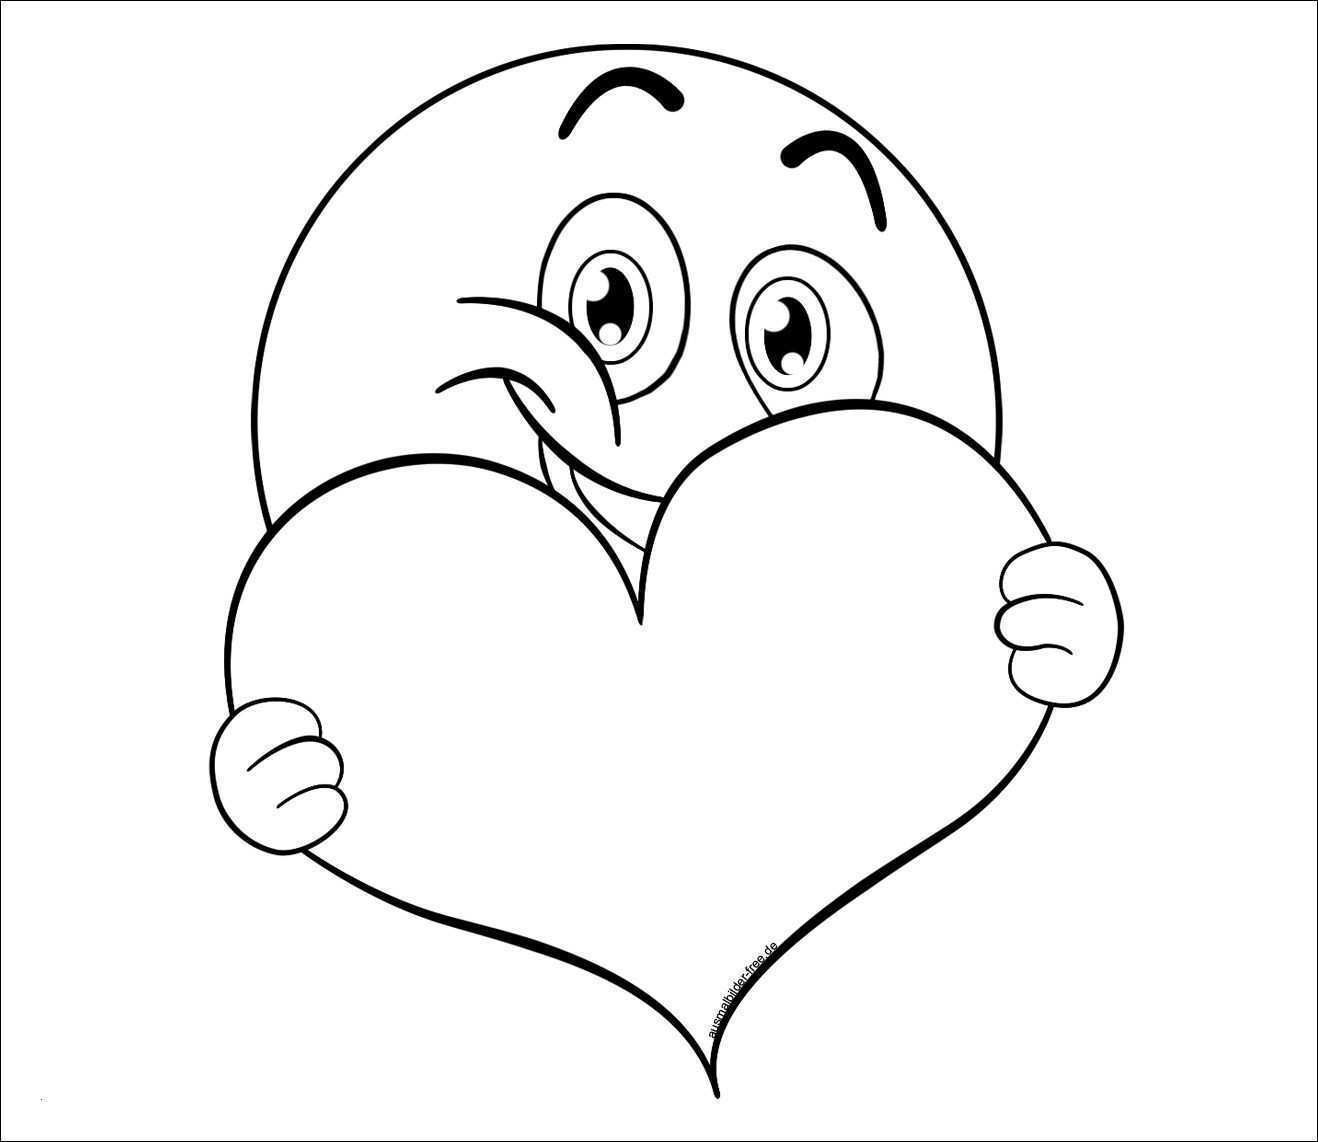 Ausmalbild Einhorn Herz Malvorlagen Fur Kinder